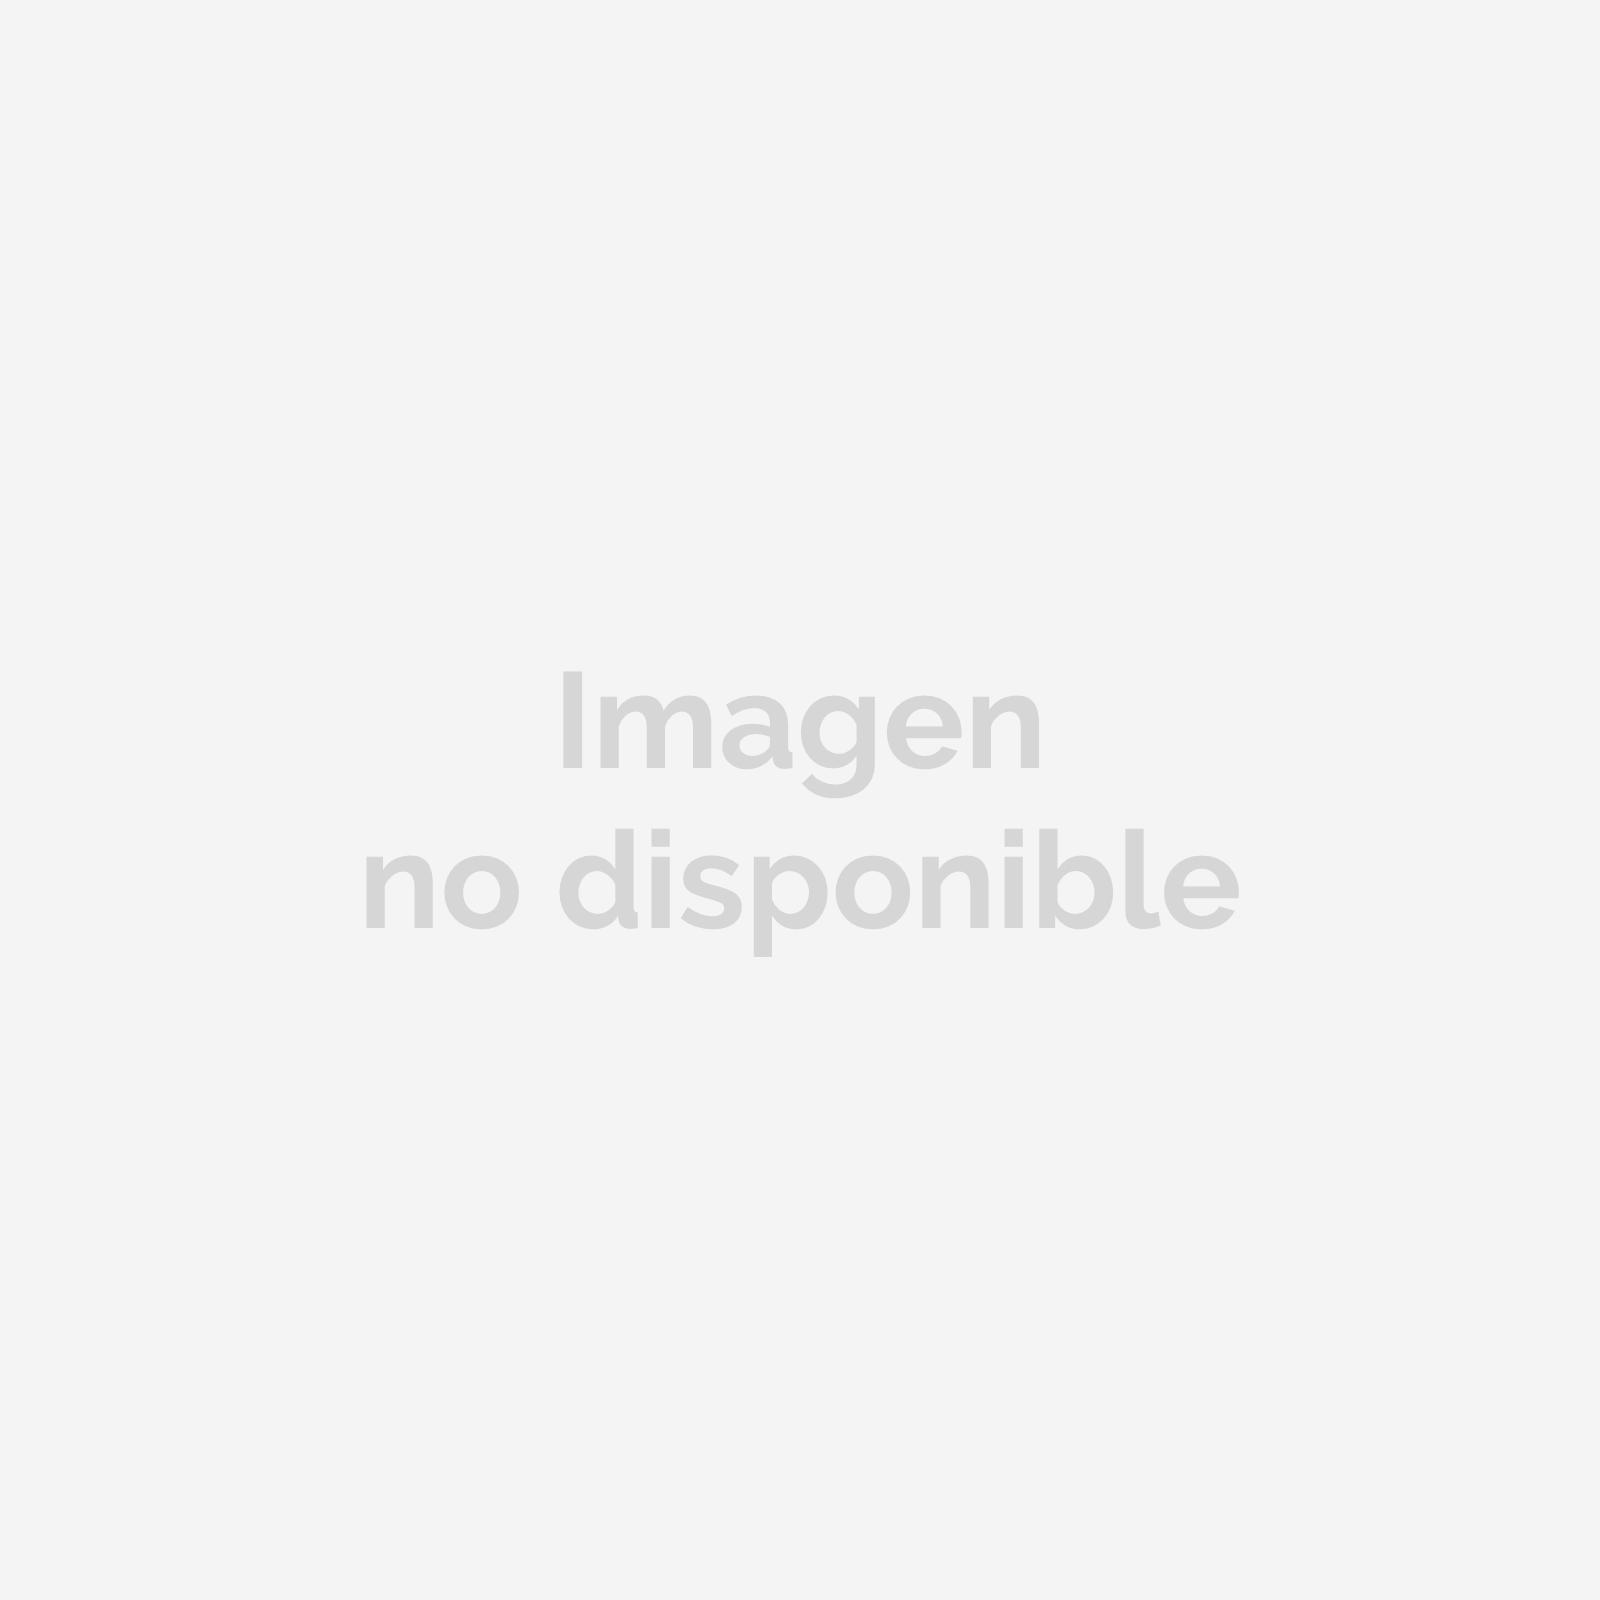 Cuisinart Bloque De Cuchillo Juego De 12